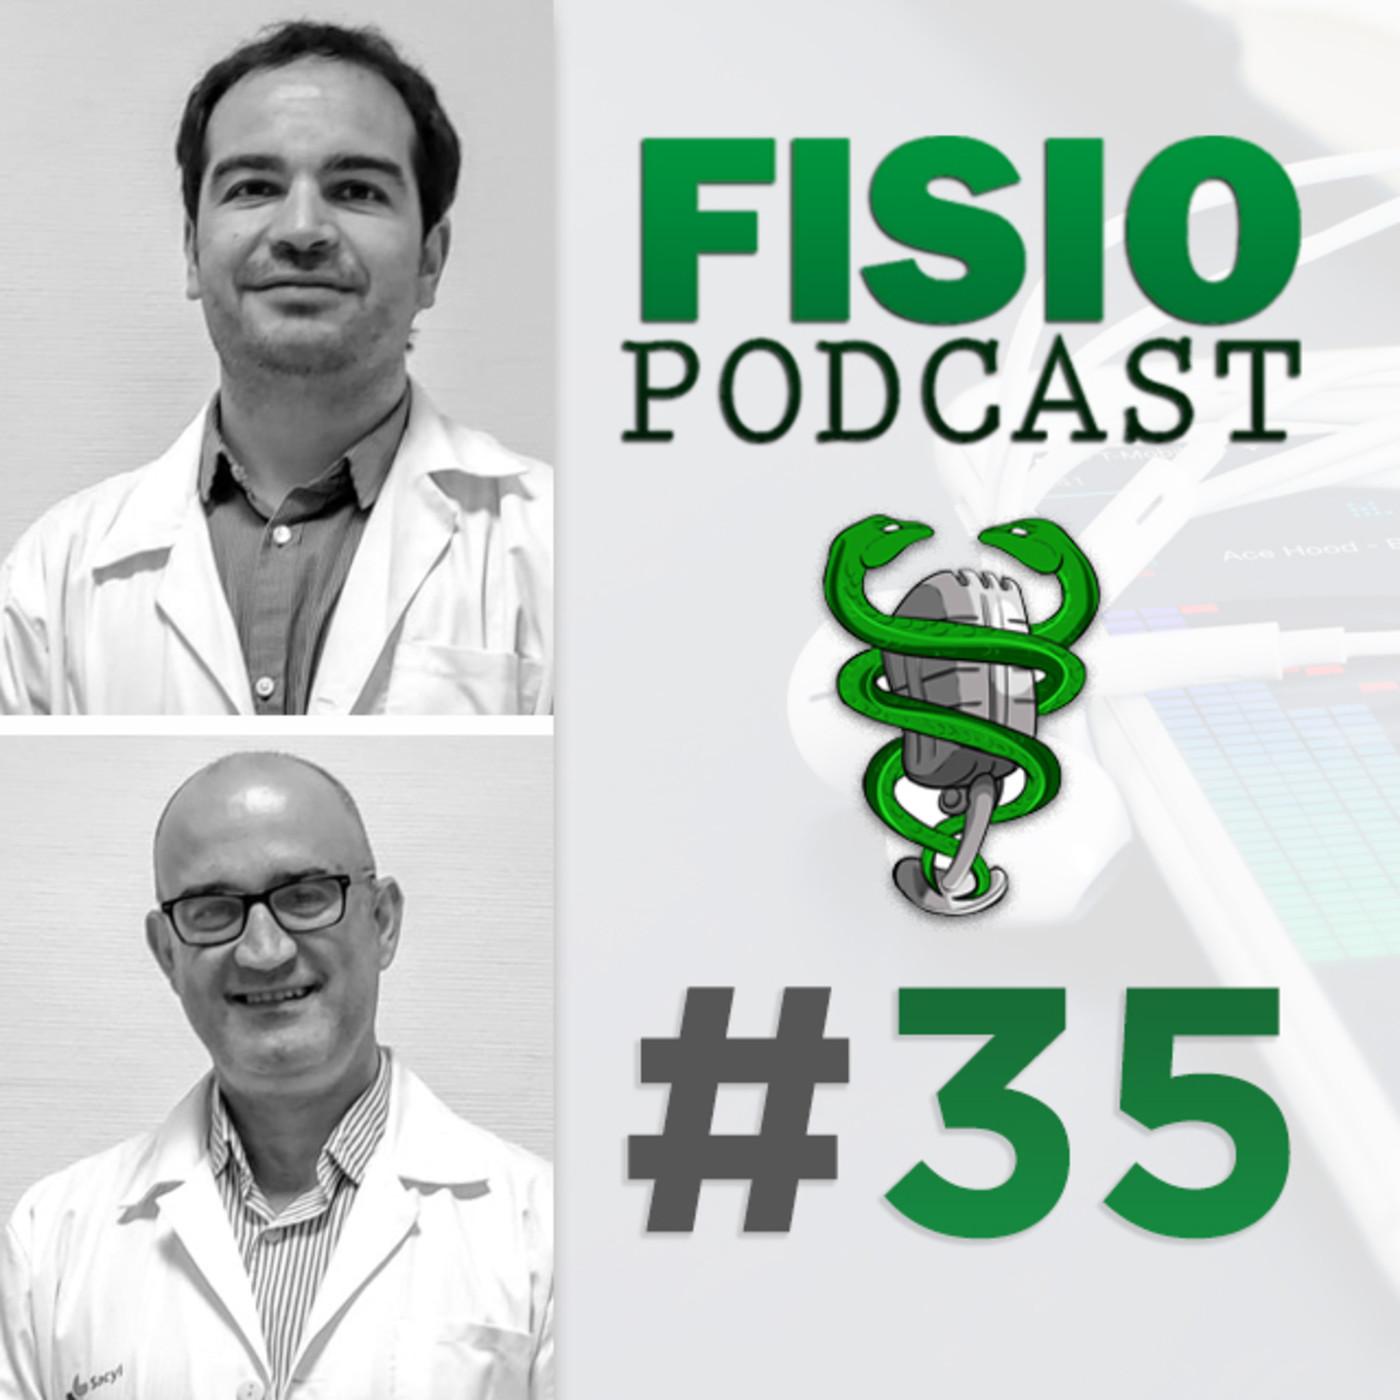 #35 Fisioterapia, Atención Primaria y Dolor Crónico, con Miguel Ángel Galán y Fede Montero (2/2)